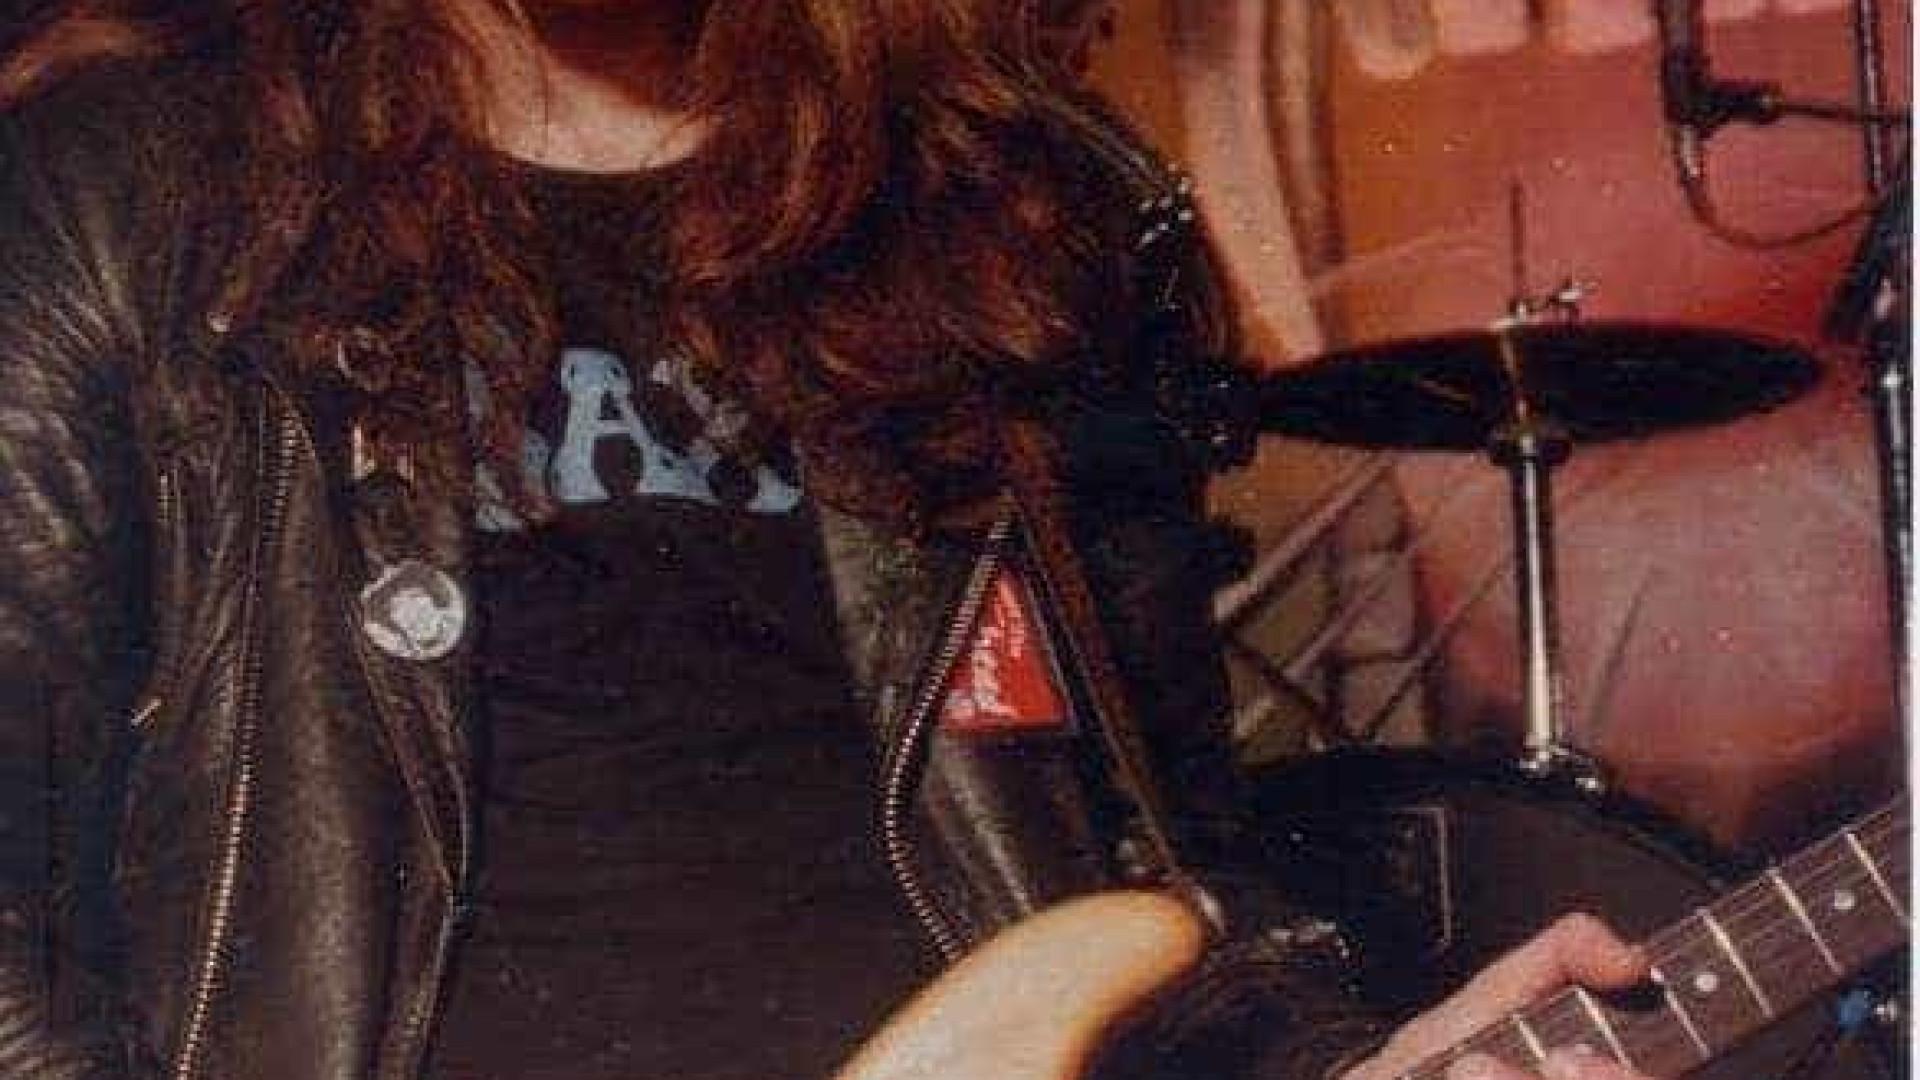 Morreu Eddie Clarke, guitarrista dos Motorhead. Tinha 67 anos